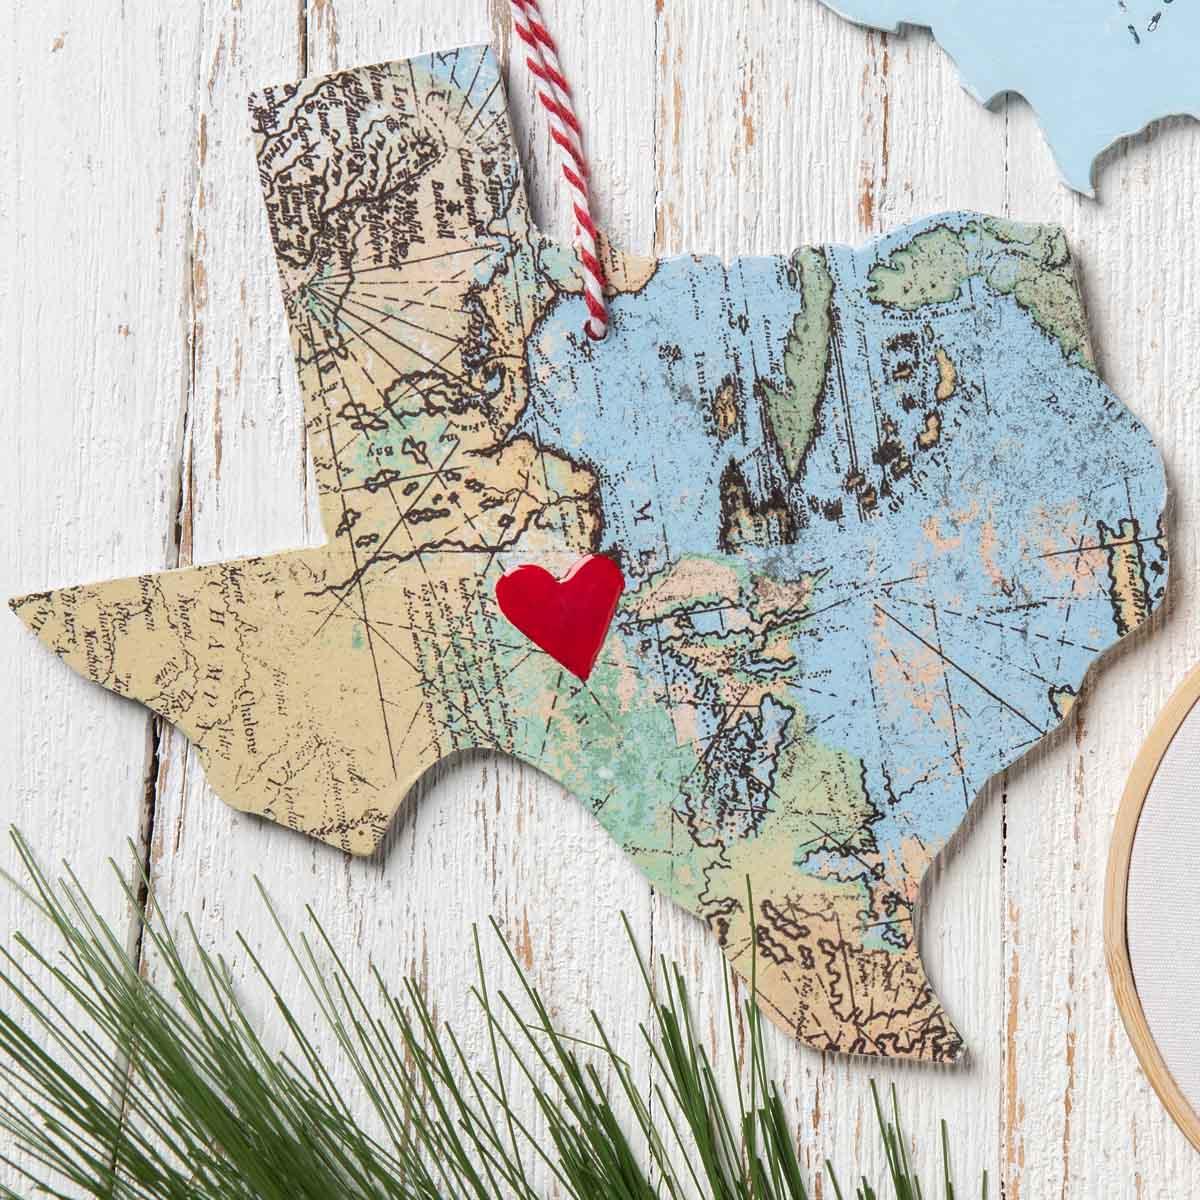 DIY State Pride Ornament Ideas